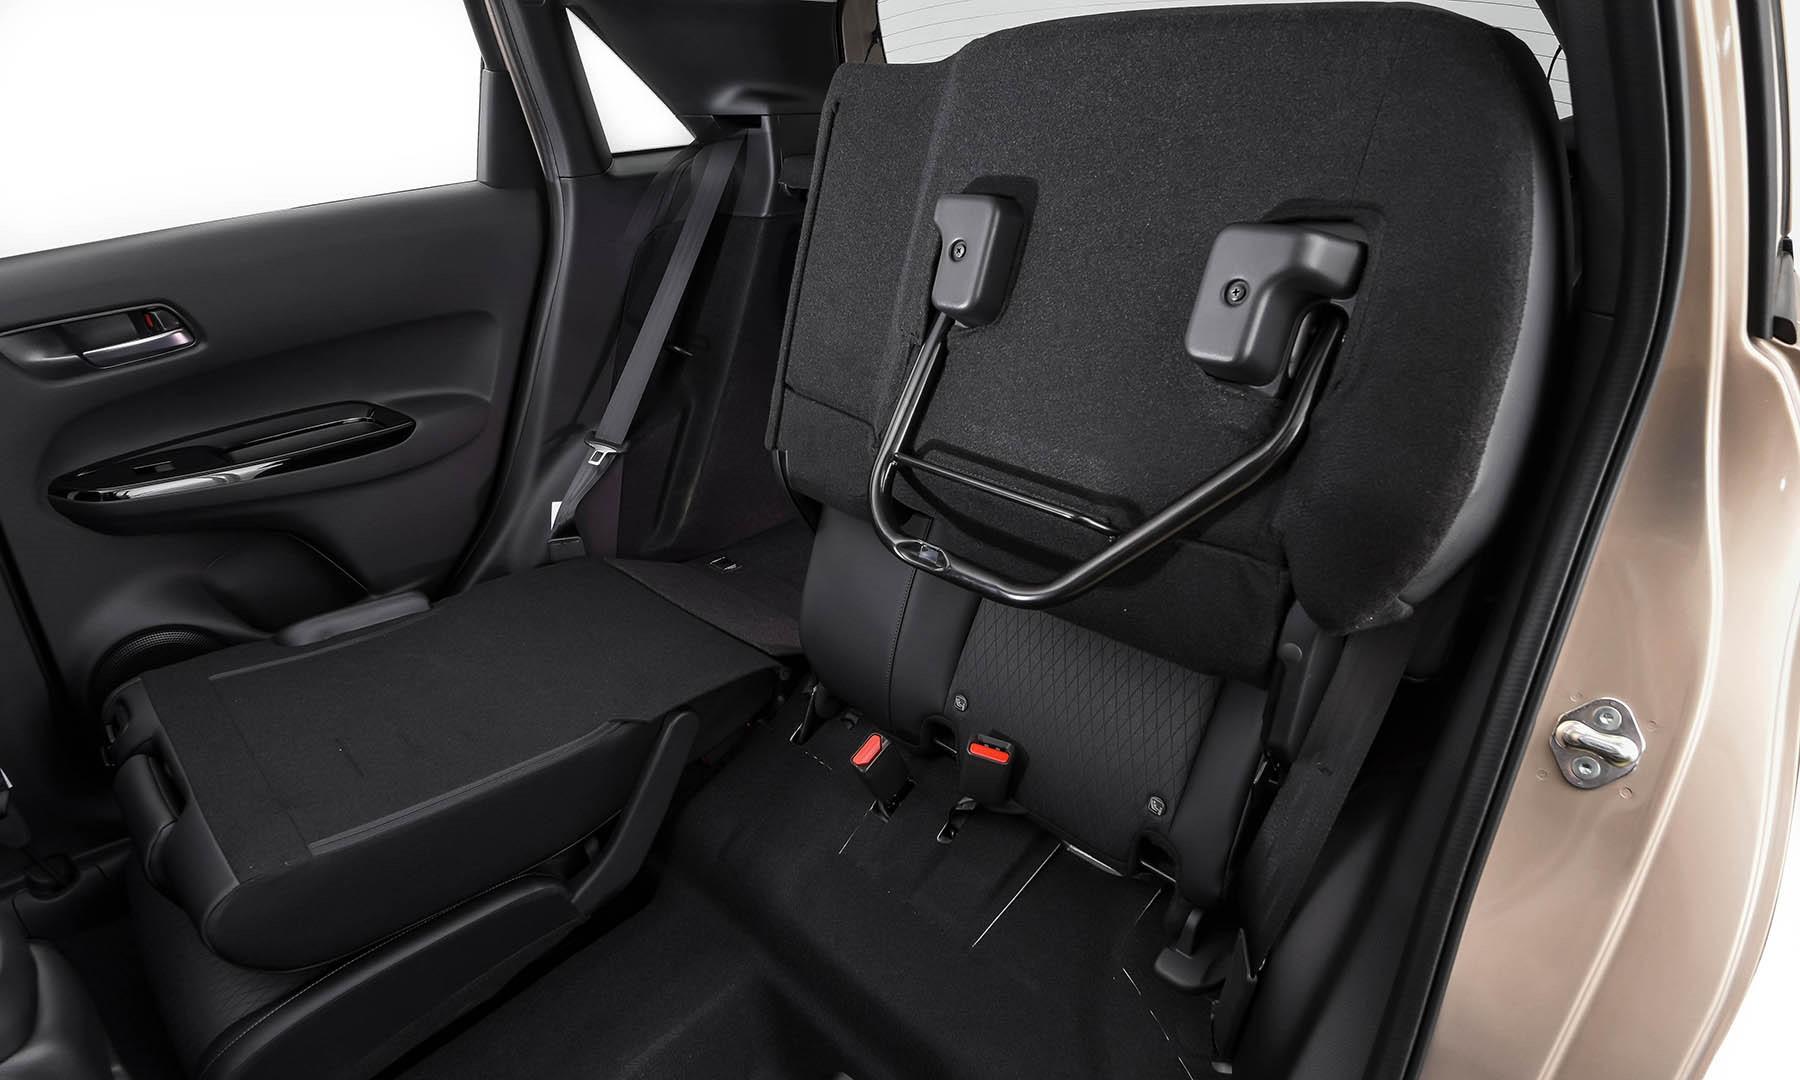 Honda Fit rear seats